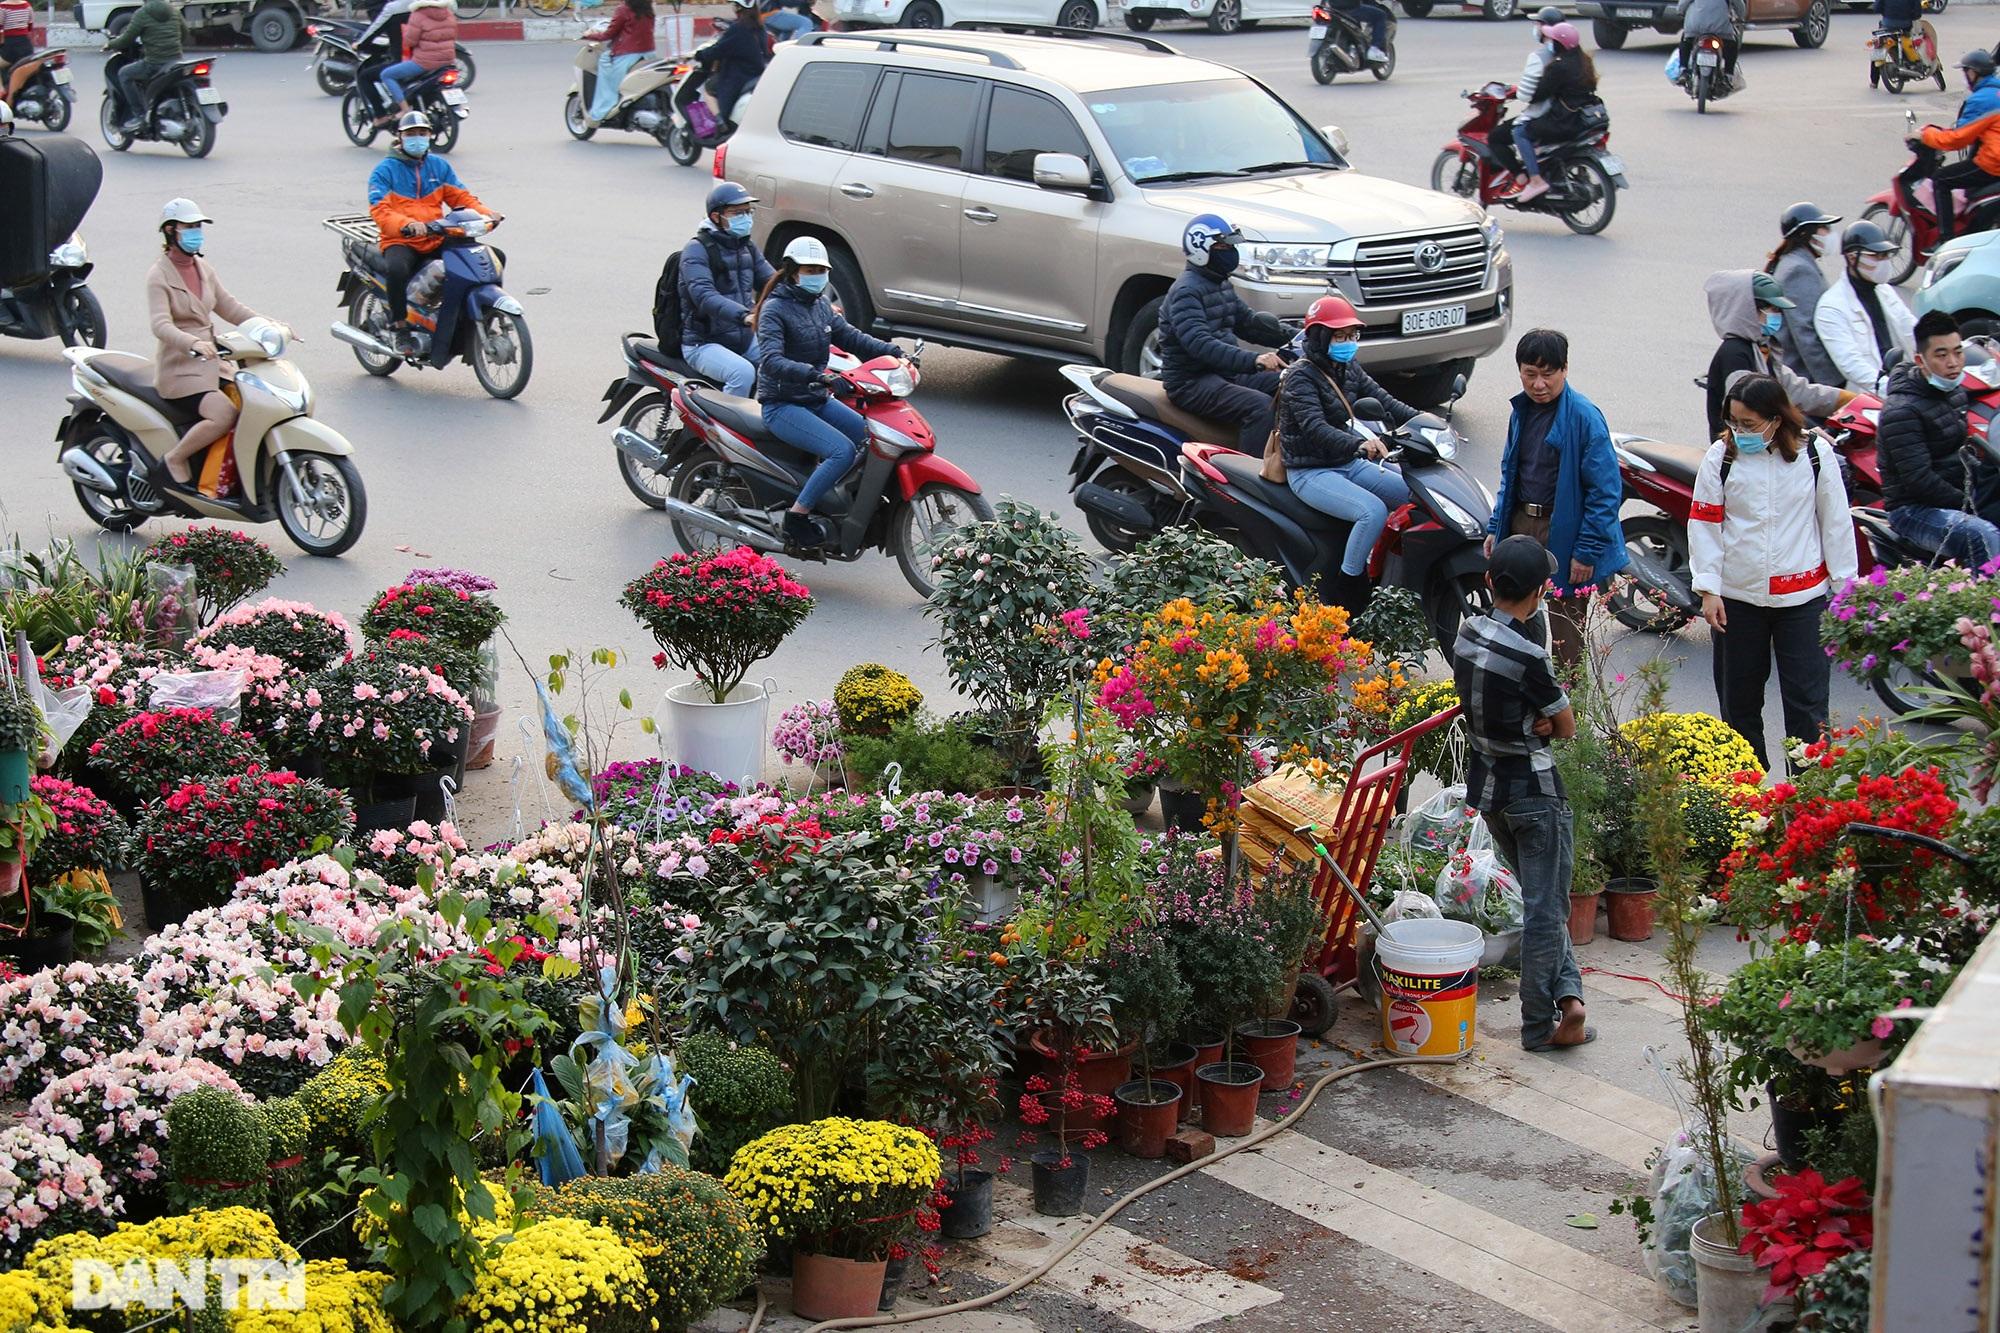 Chợ hoa bày bán trên đường phố Hà Nội đông khách bất chấp dịch Covid-19 - 5